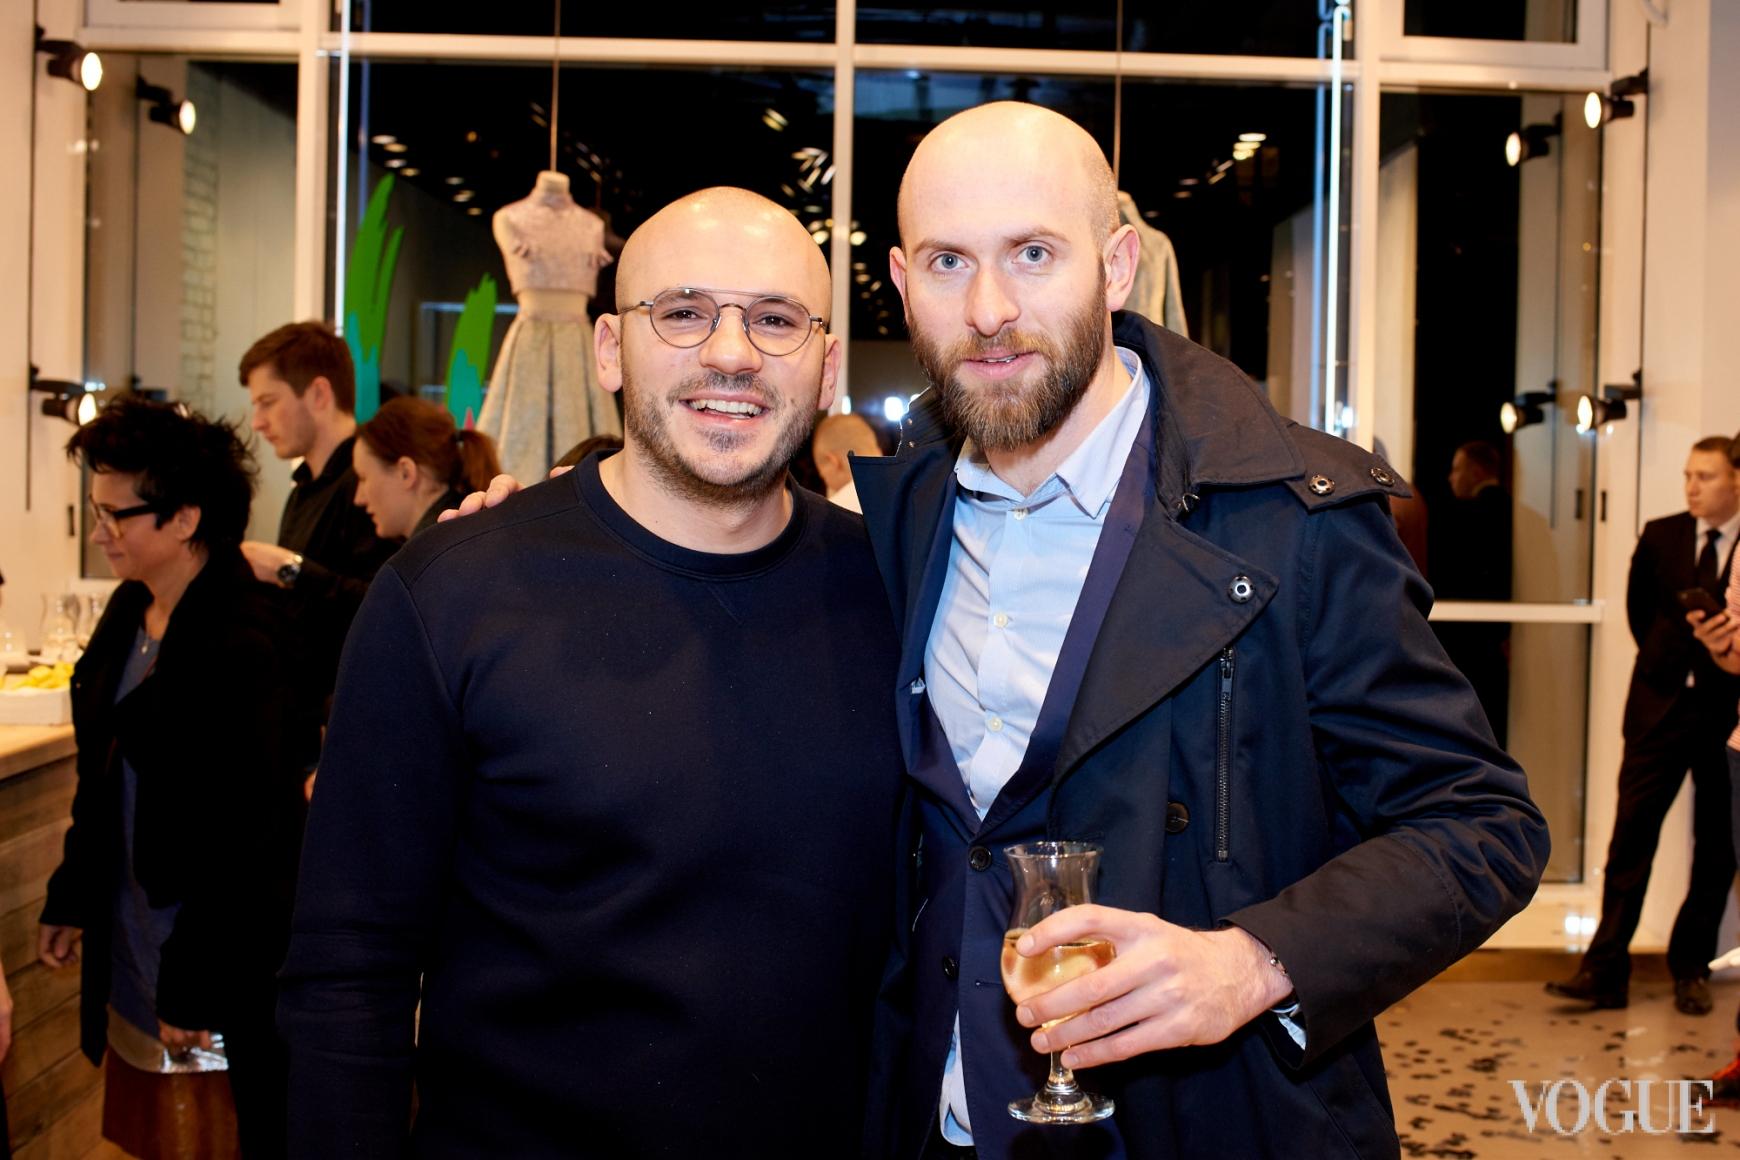 Дмитрий Евенко и Владимр Кадыгроб